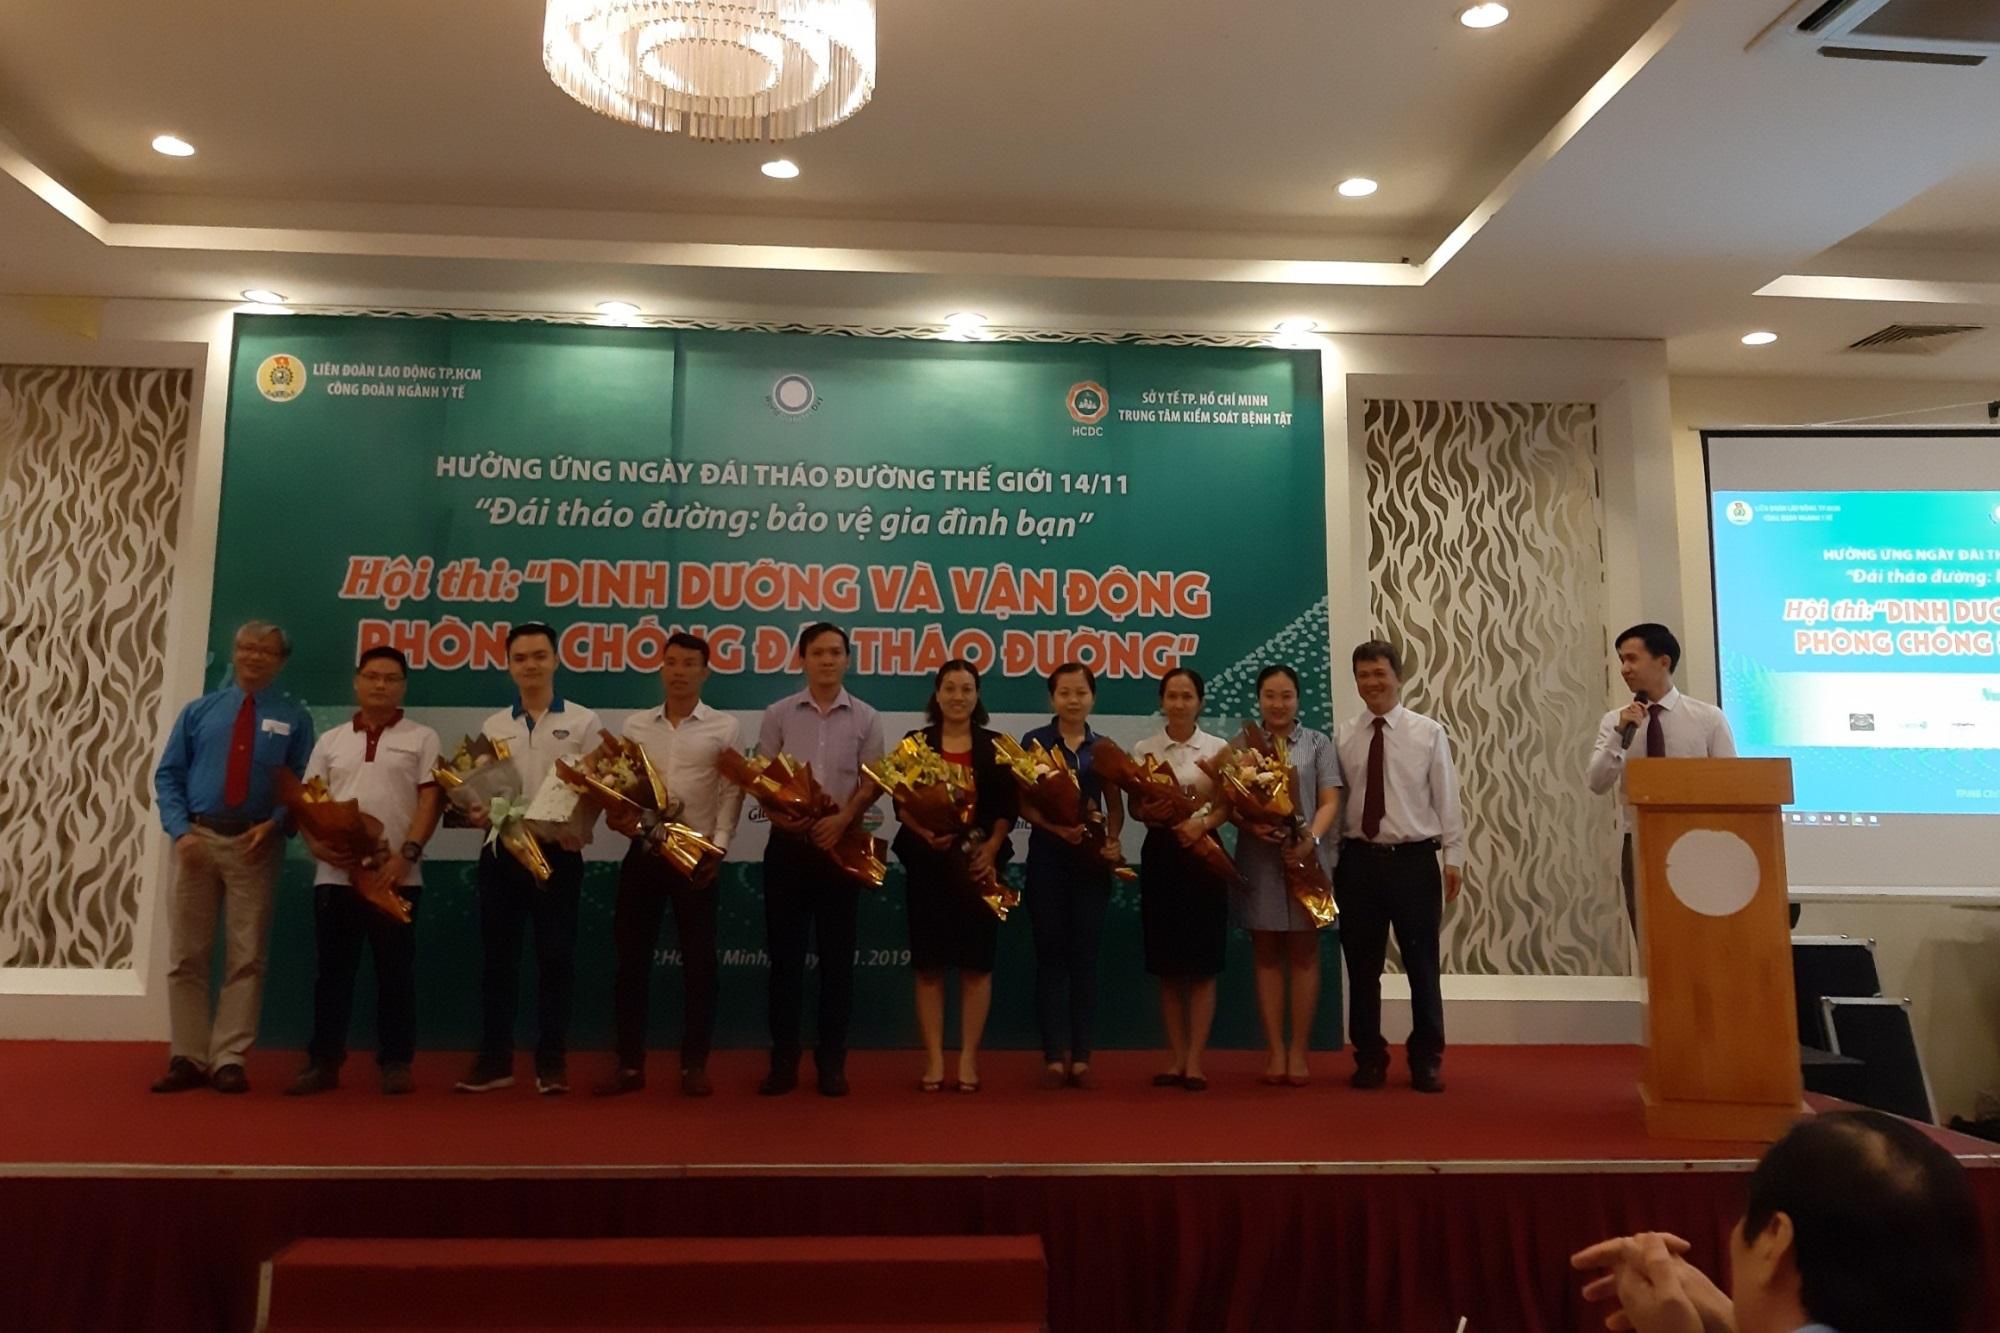 Cán bộ Y tế TP.HCM tham gia hưởng ứng ngày Đái tháo đường thế giới 14/11 - Ảnh 1